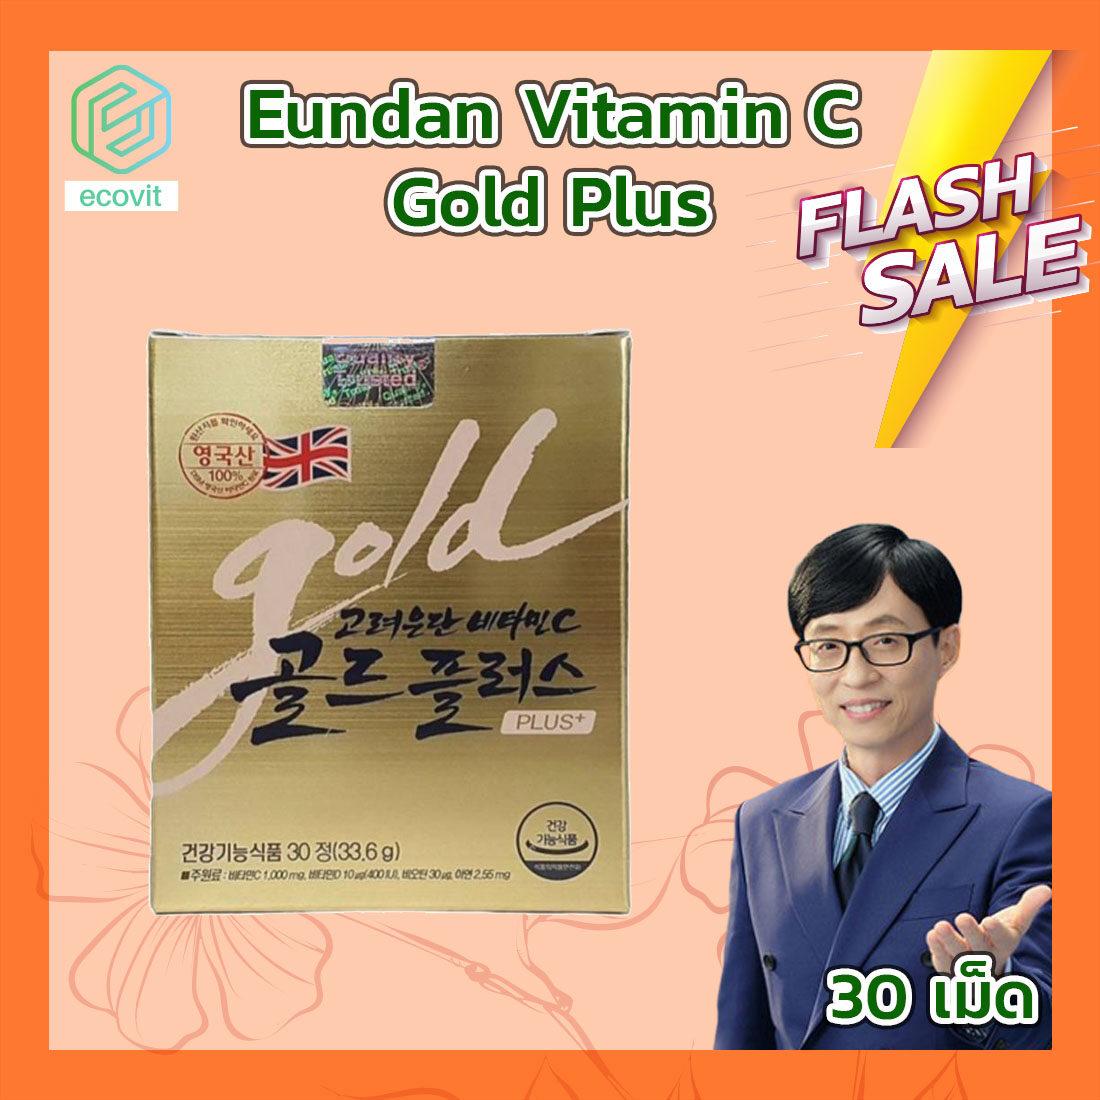 วิตามินซีเกาหลี สูตรเข้มข้น Korea Eundan Vitamin C Gold Plus [30 เม็ด] อึนดัน โกลด์ วิตามินซี อาหารเสริม By Ecovit.